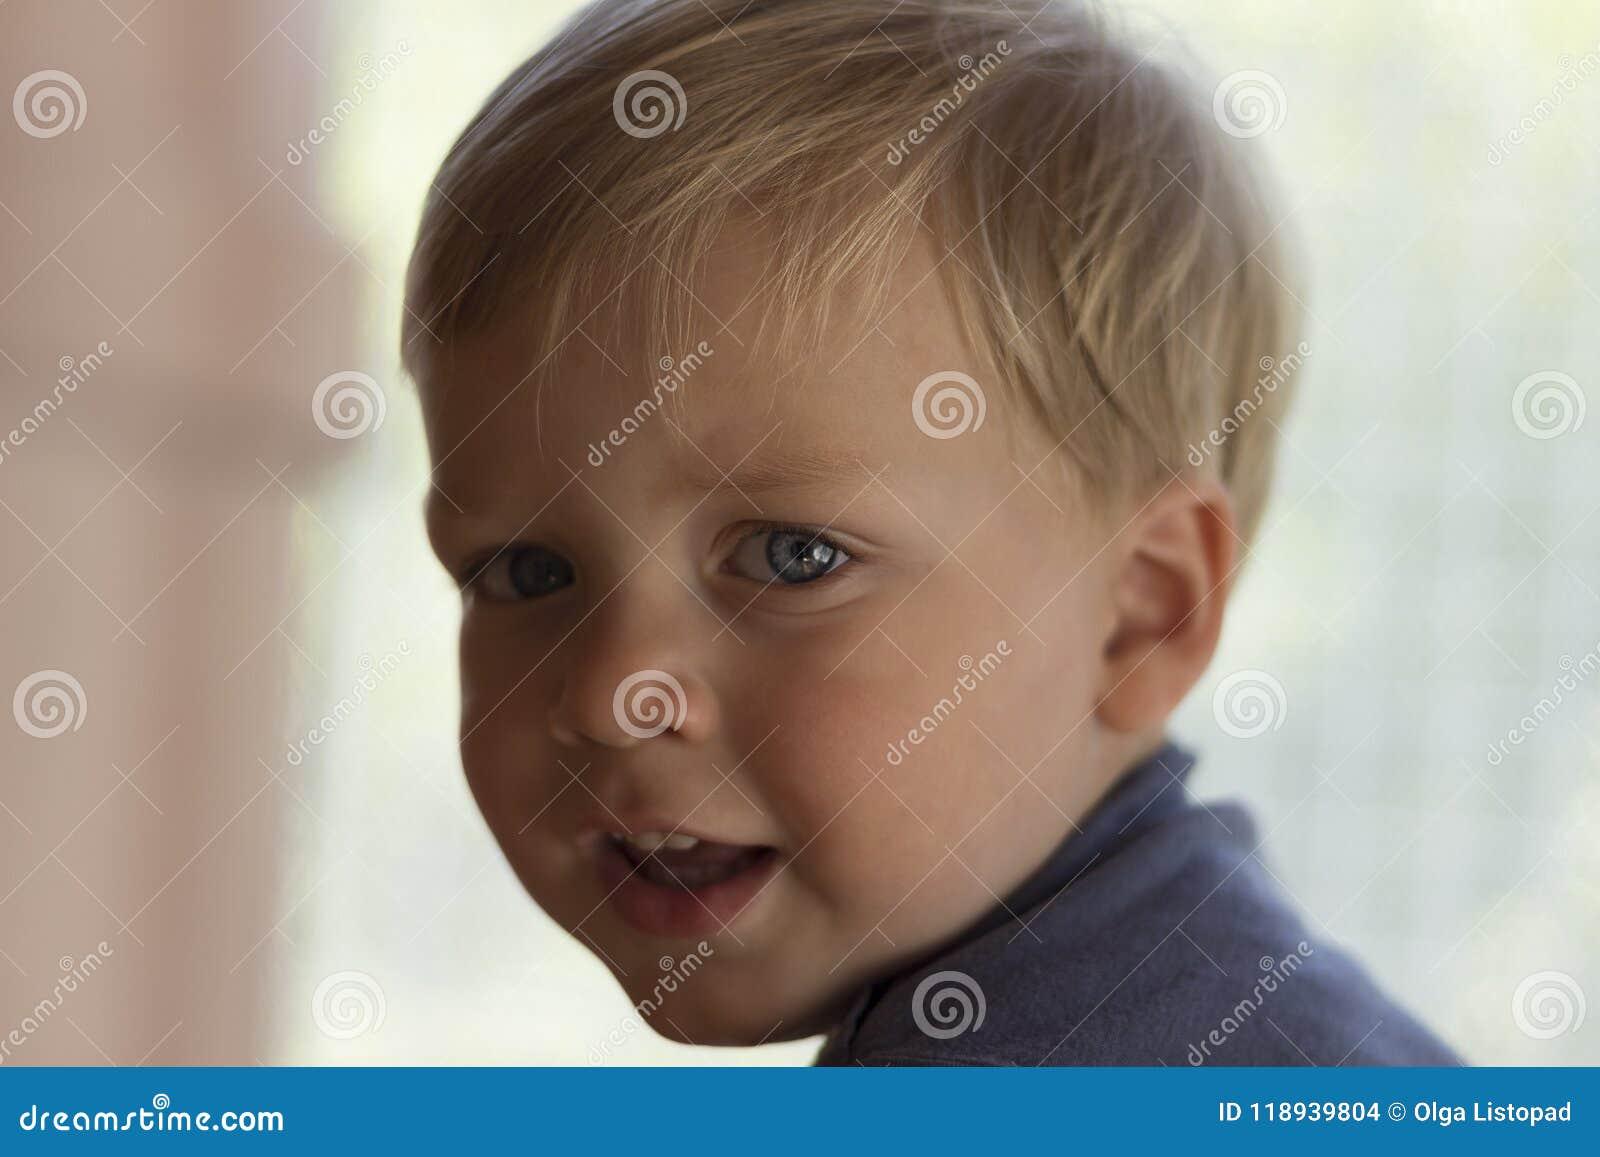 Wizerunek śliczna chłopiec, zbliżenia uroczy dziecko na zamazanym tle portret, słodki berbeć z niebieskimi oczami, zdrowymi